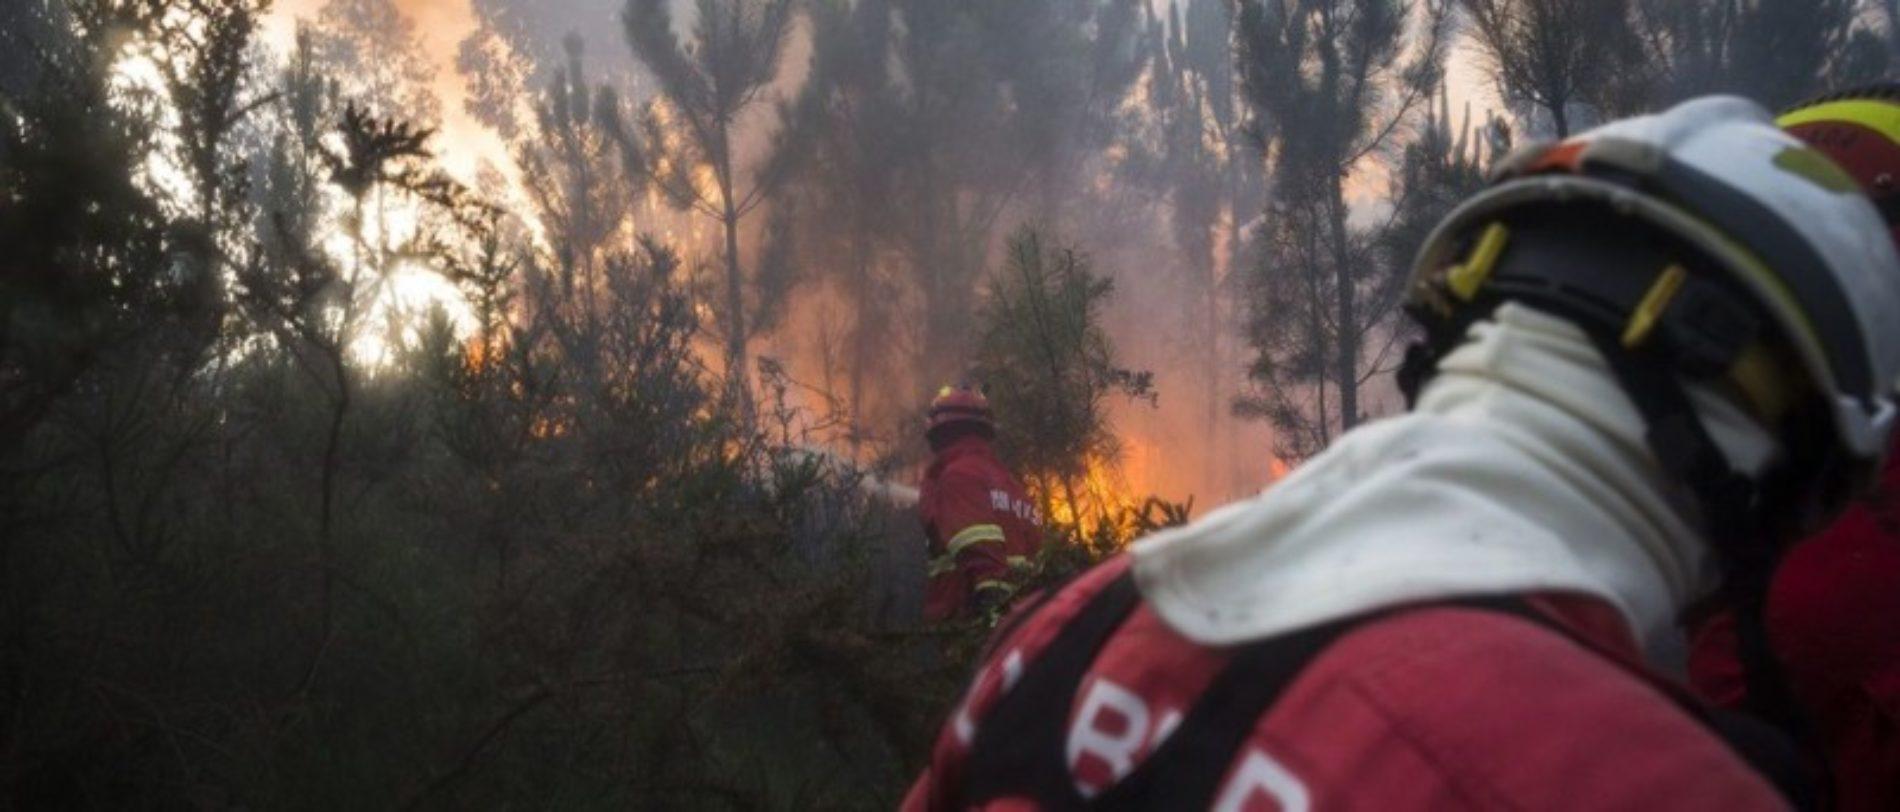 Risco máximo de incêndio em sete concelhos de quatro distritos do país